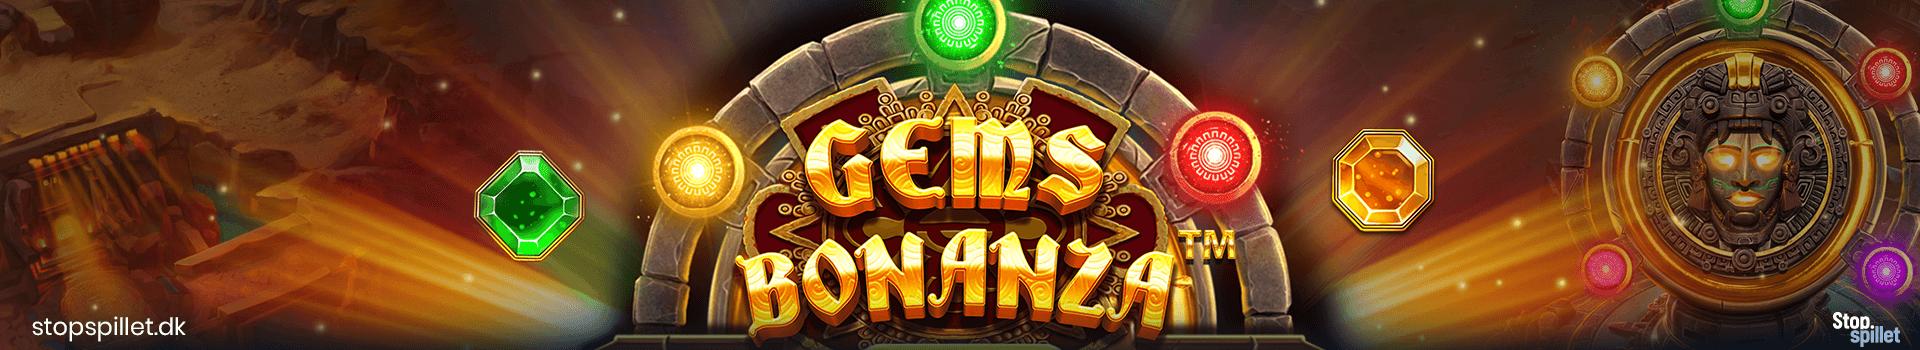 Spillemaskiner fra Pragmatic Play på online casino